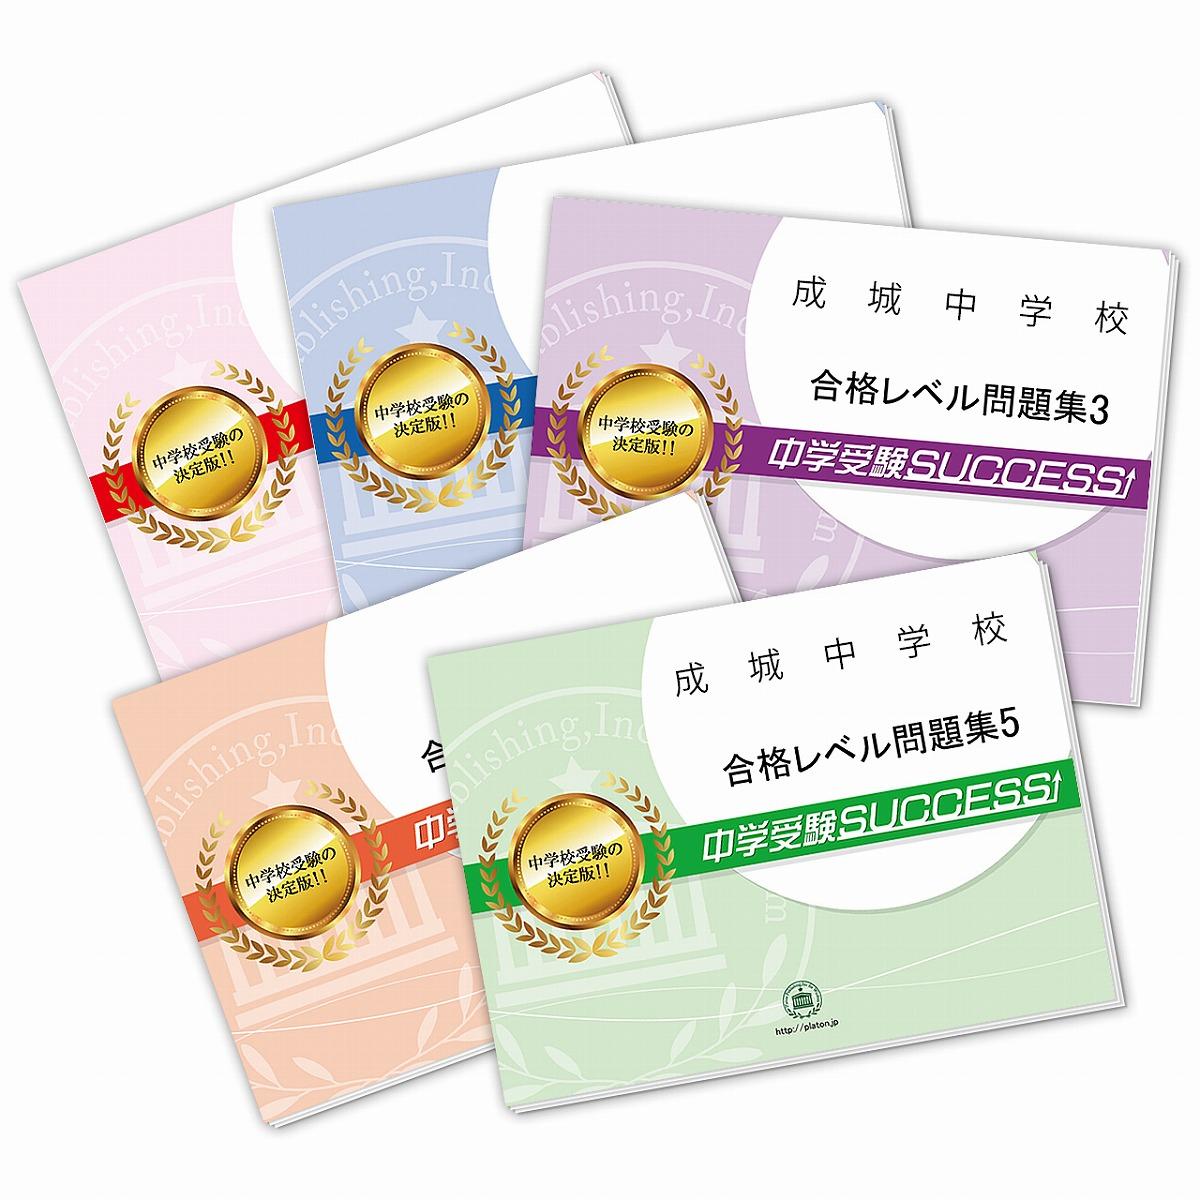 【送料・代引手数料無料】成城中学校・直前対策合格セット(5冊)